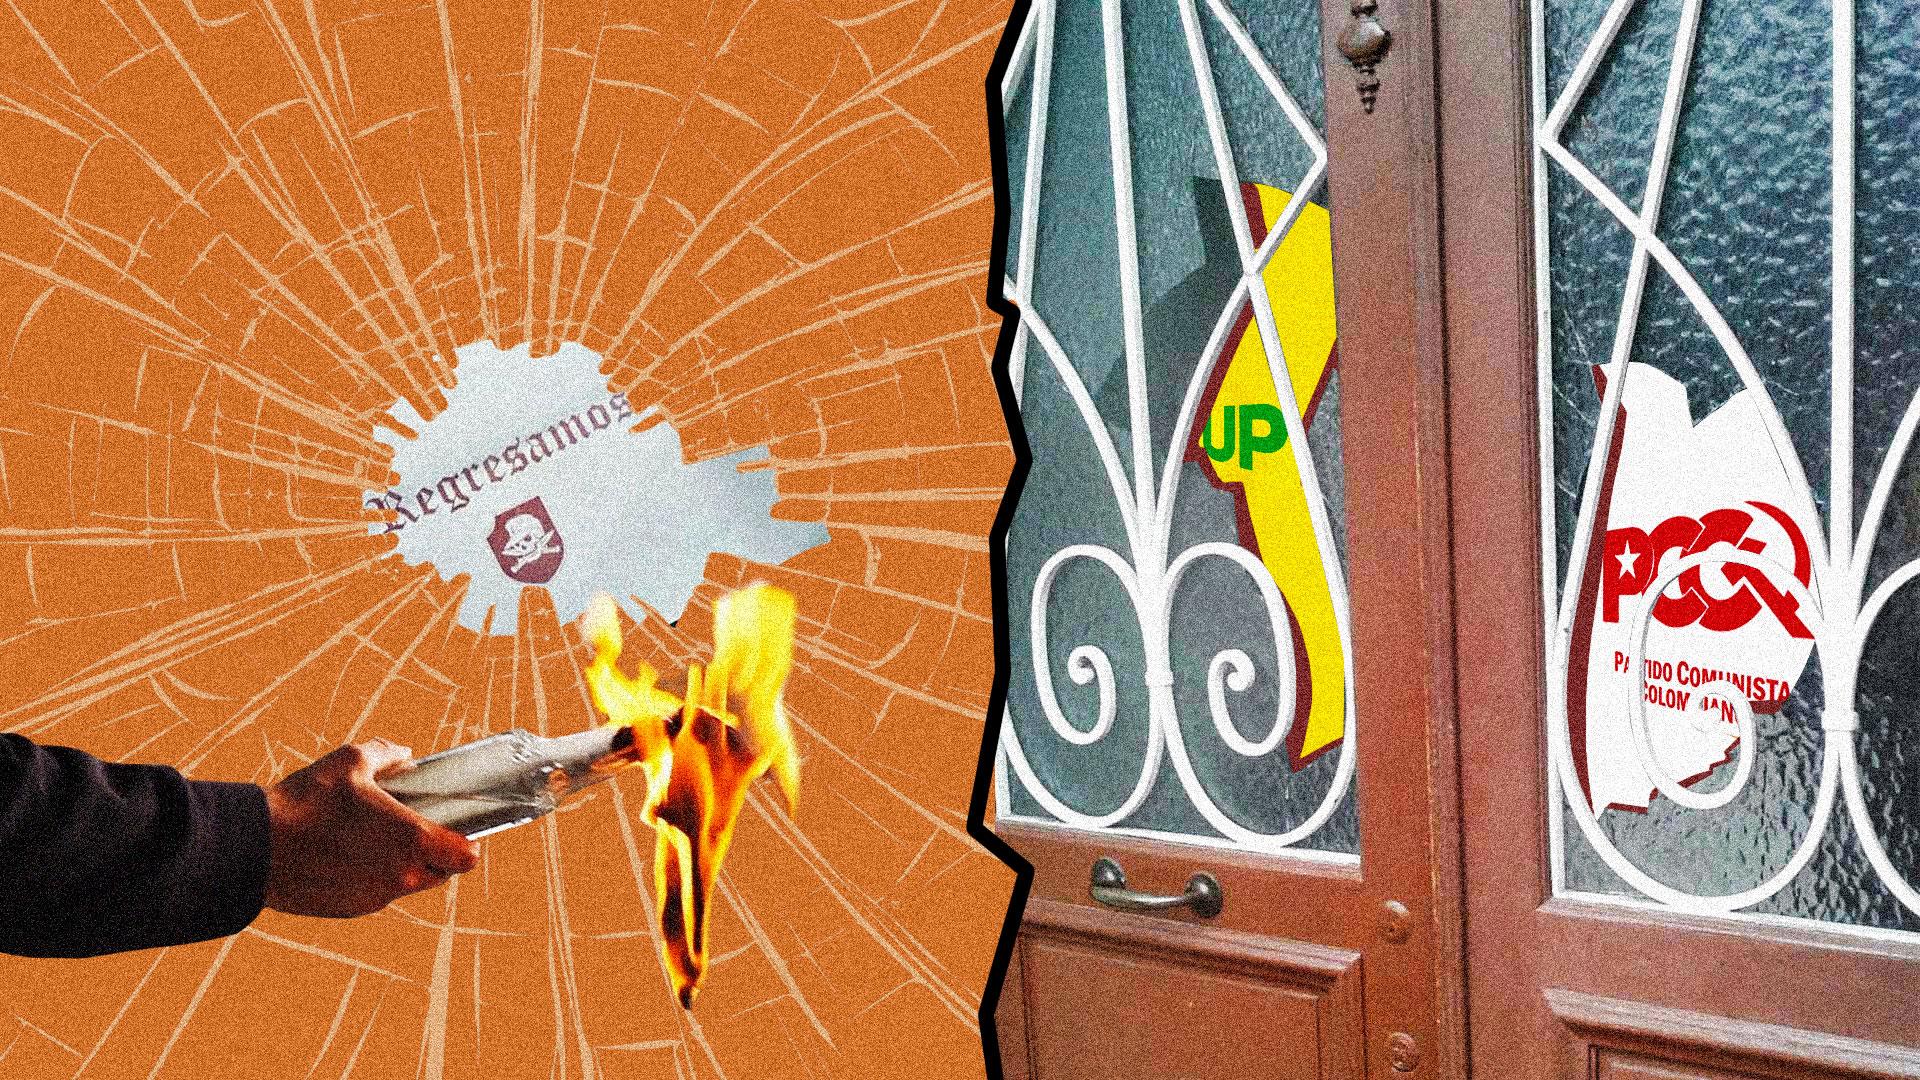 'Hace un año nos quitaron al policía que custodiaba nuestra sede': Unión Patriótica